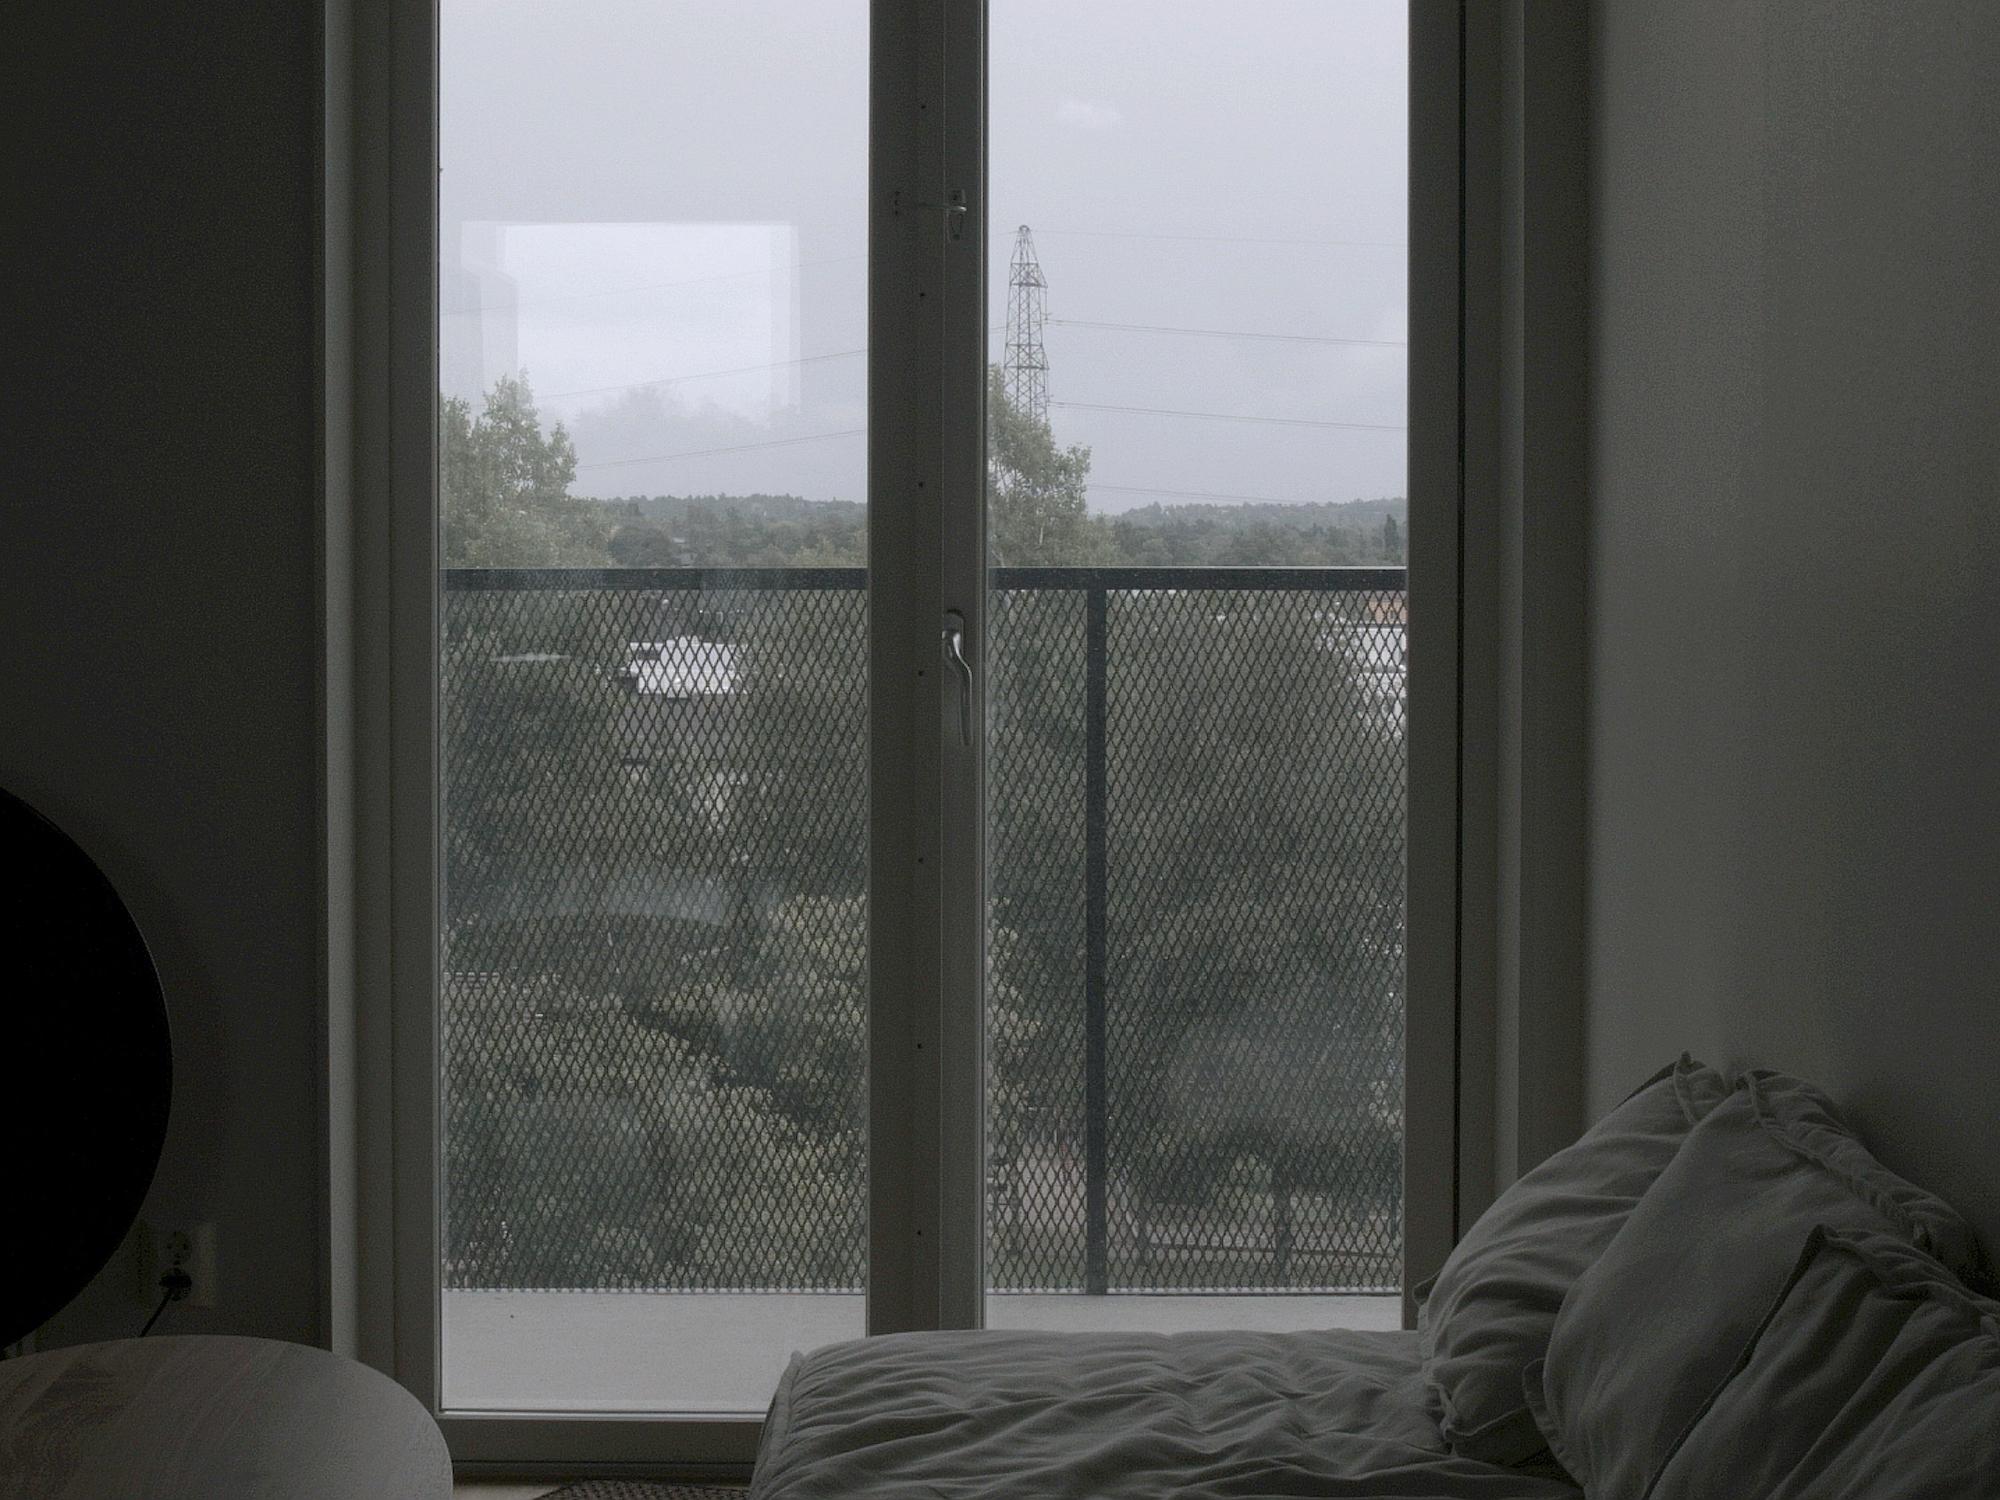 Utsikterna-still3